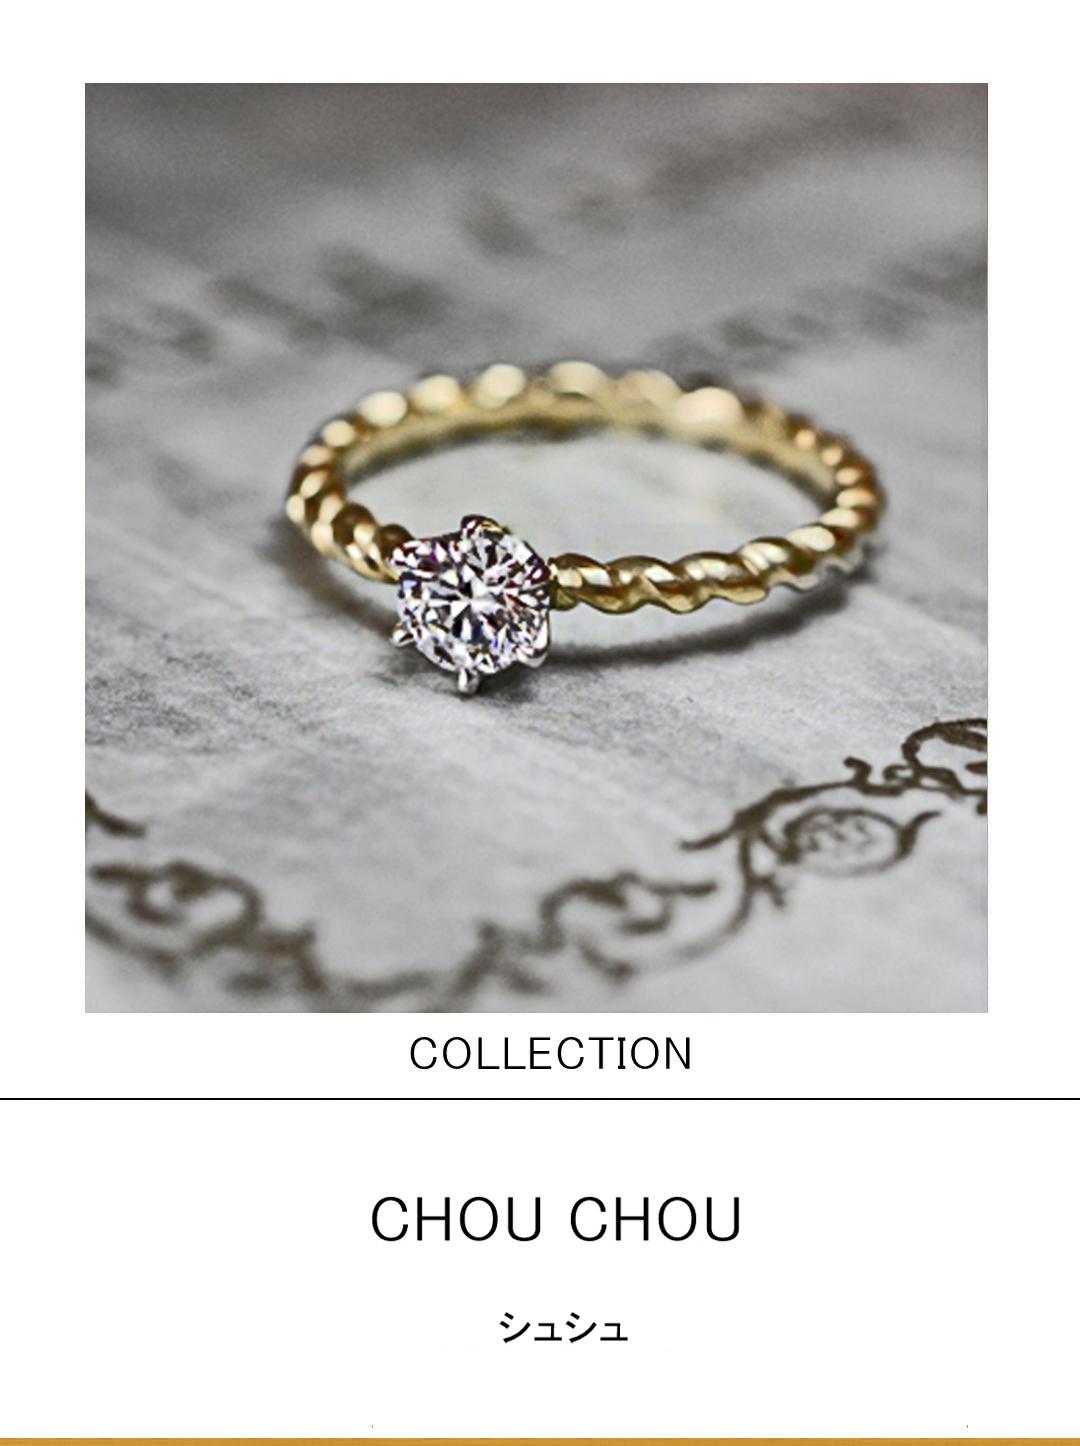 シュシュをモチーフにしたアンティークなゴールドの婚約指輪のサムネイル